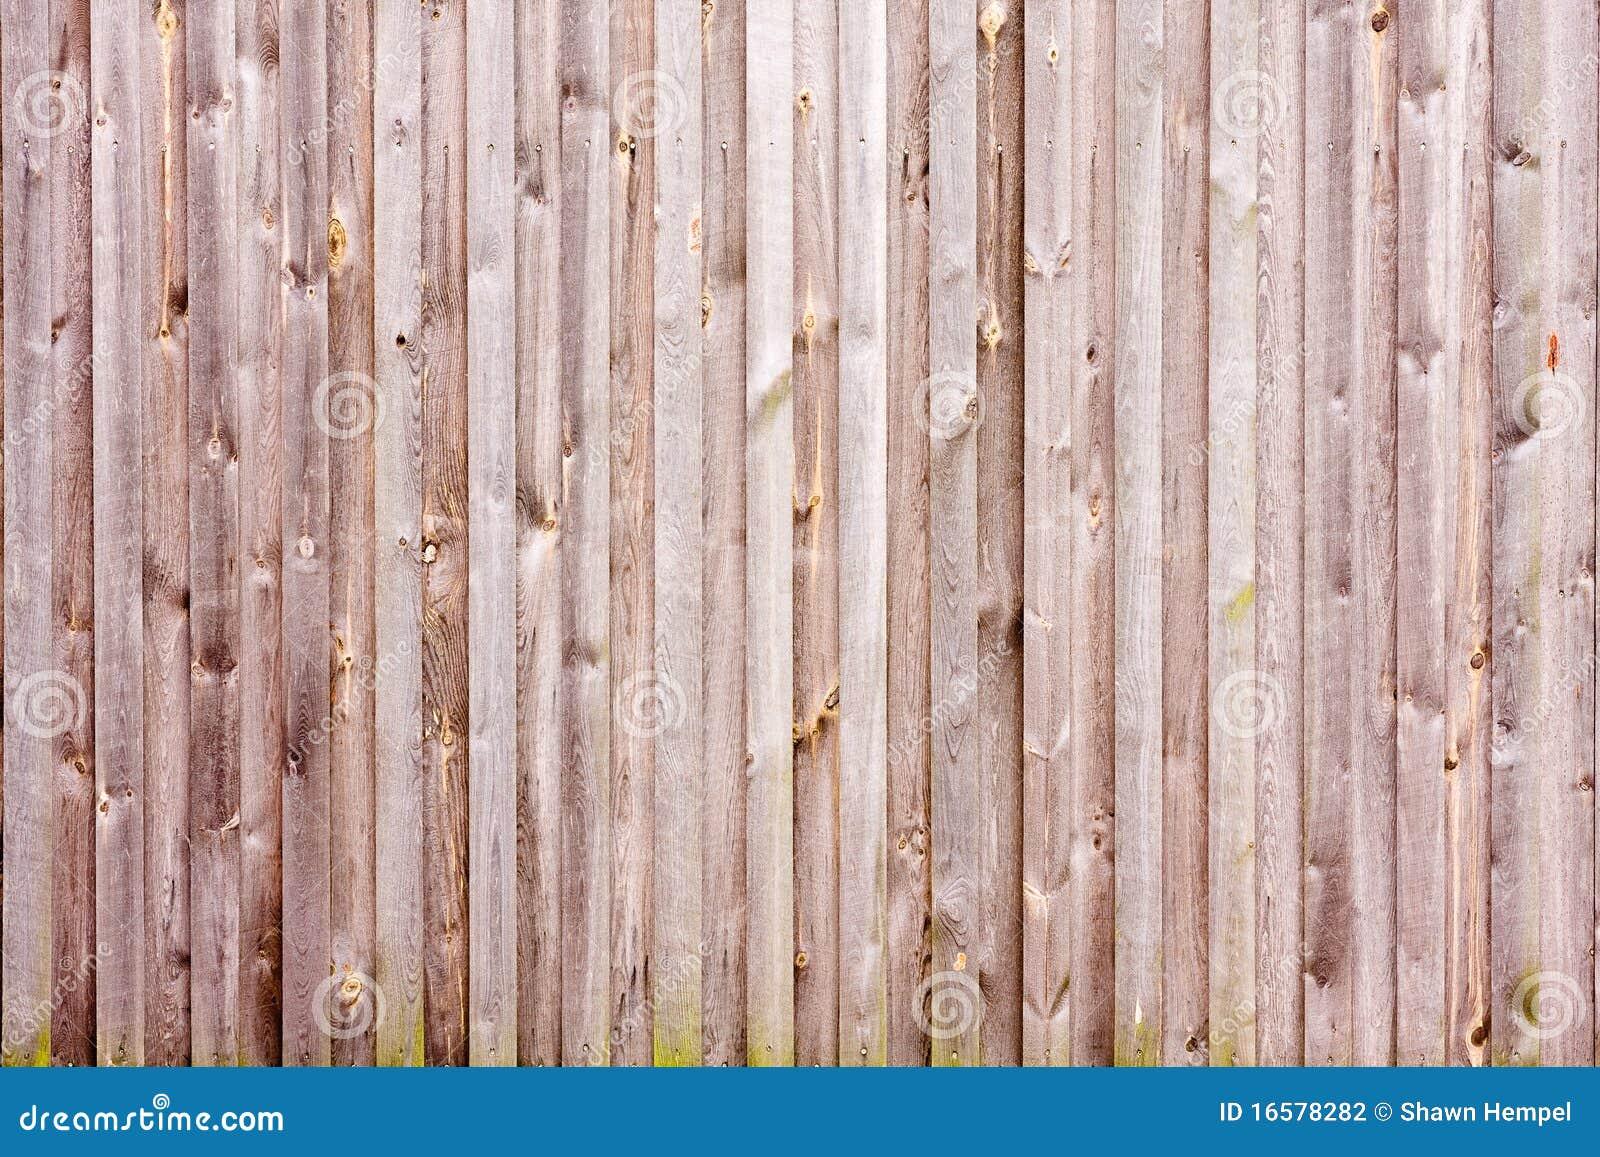 Wooden Barn Door Texture Stock Photo Image Of Board